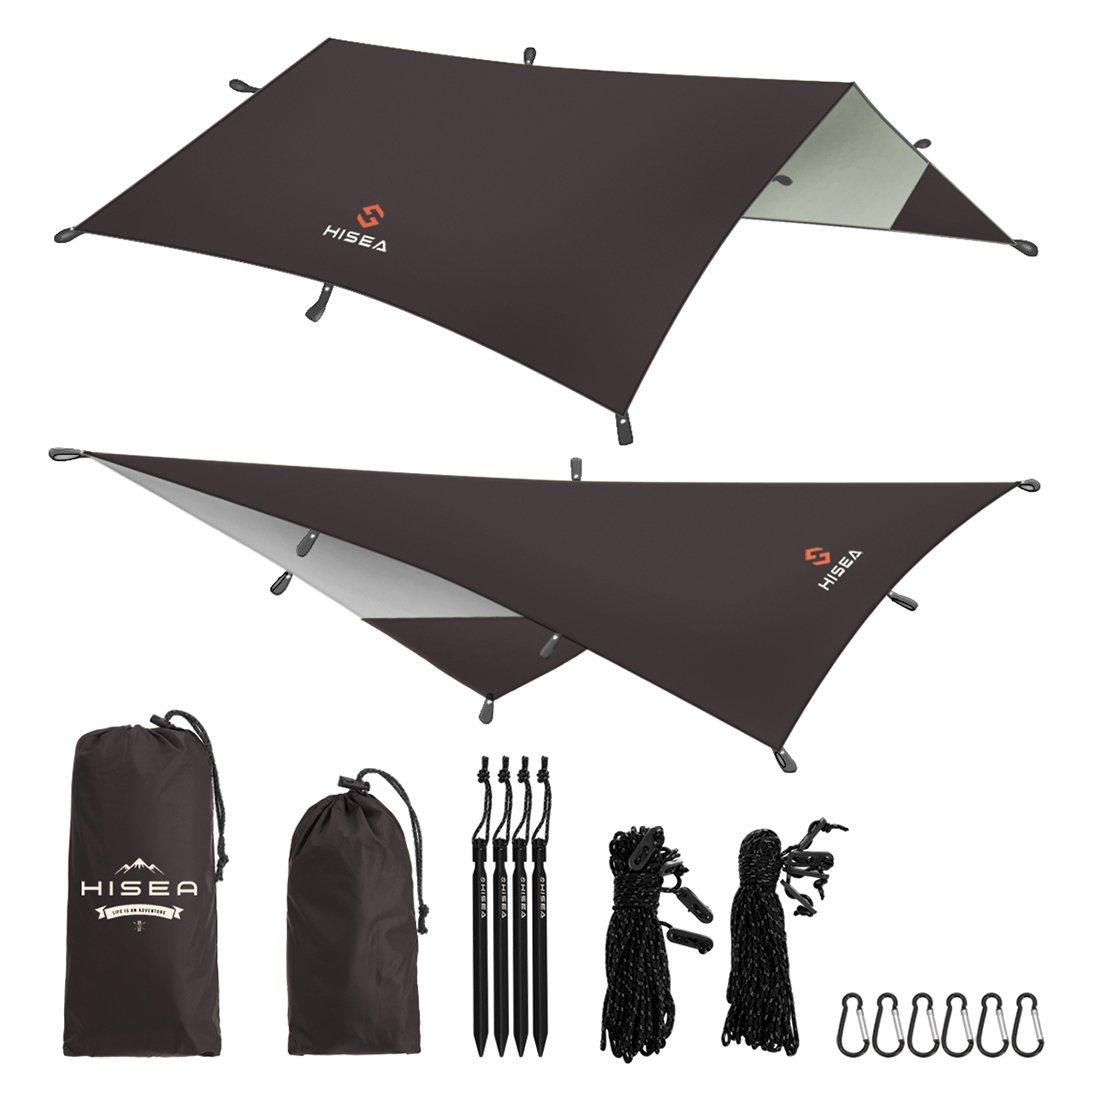 Hiseaハンモック レインフライ テント タープ シェルター 3m x 3m - 防水軽量 フライシート 日除け サンシェルター 天幕シェード 屋外キャンプ ピクニック 旅行 ビーチ ハイキング 釣り、コーヒー B073WT5CV6